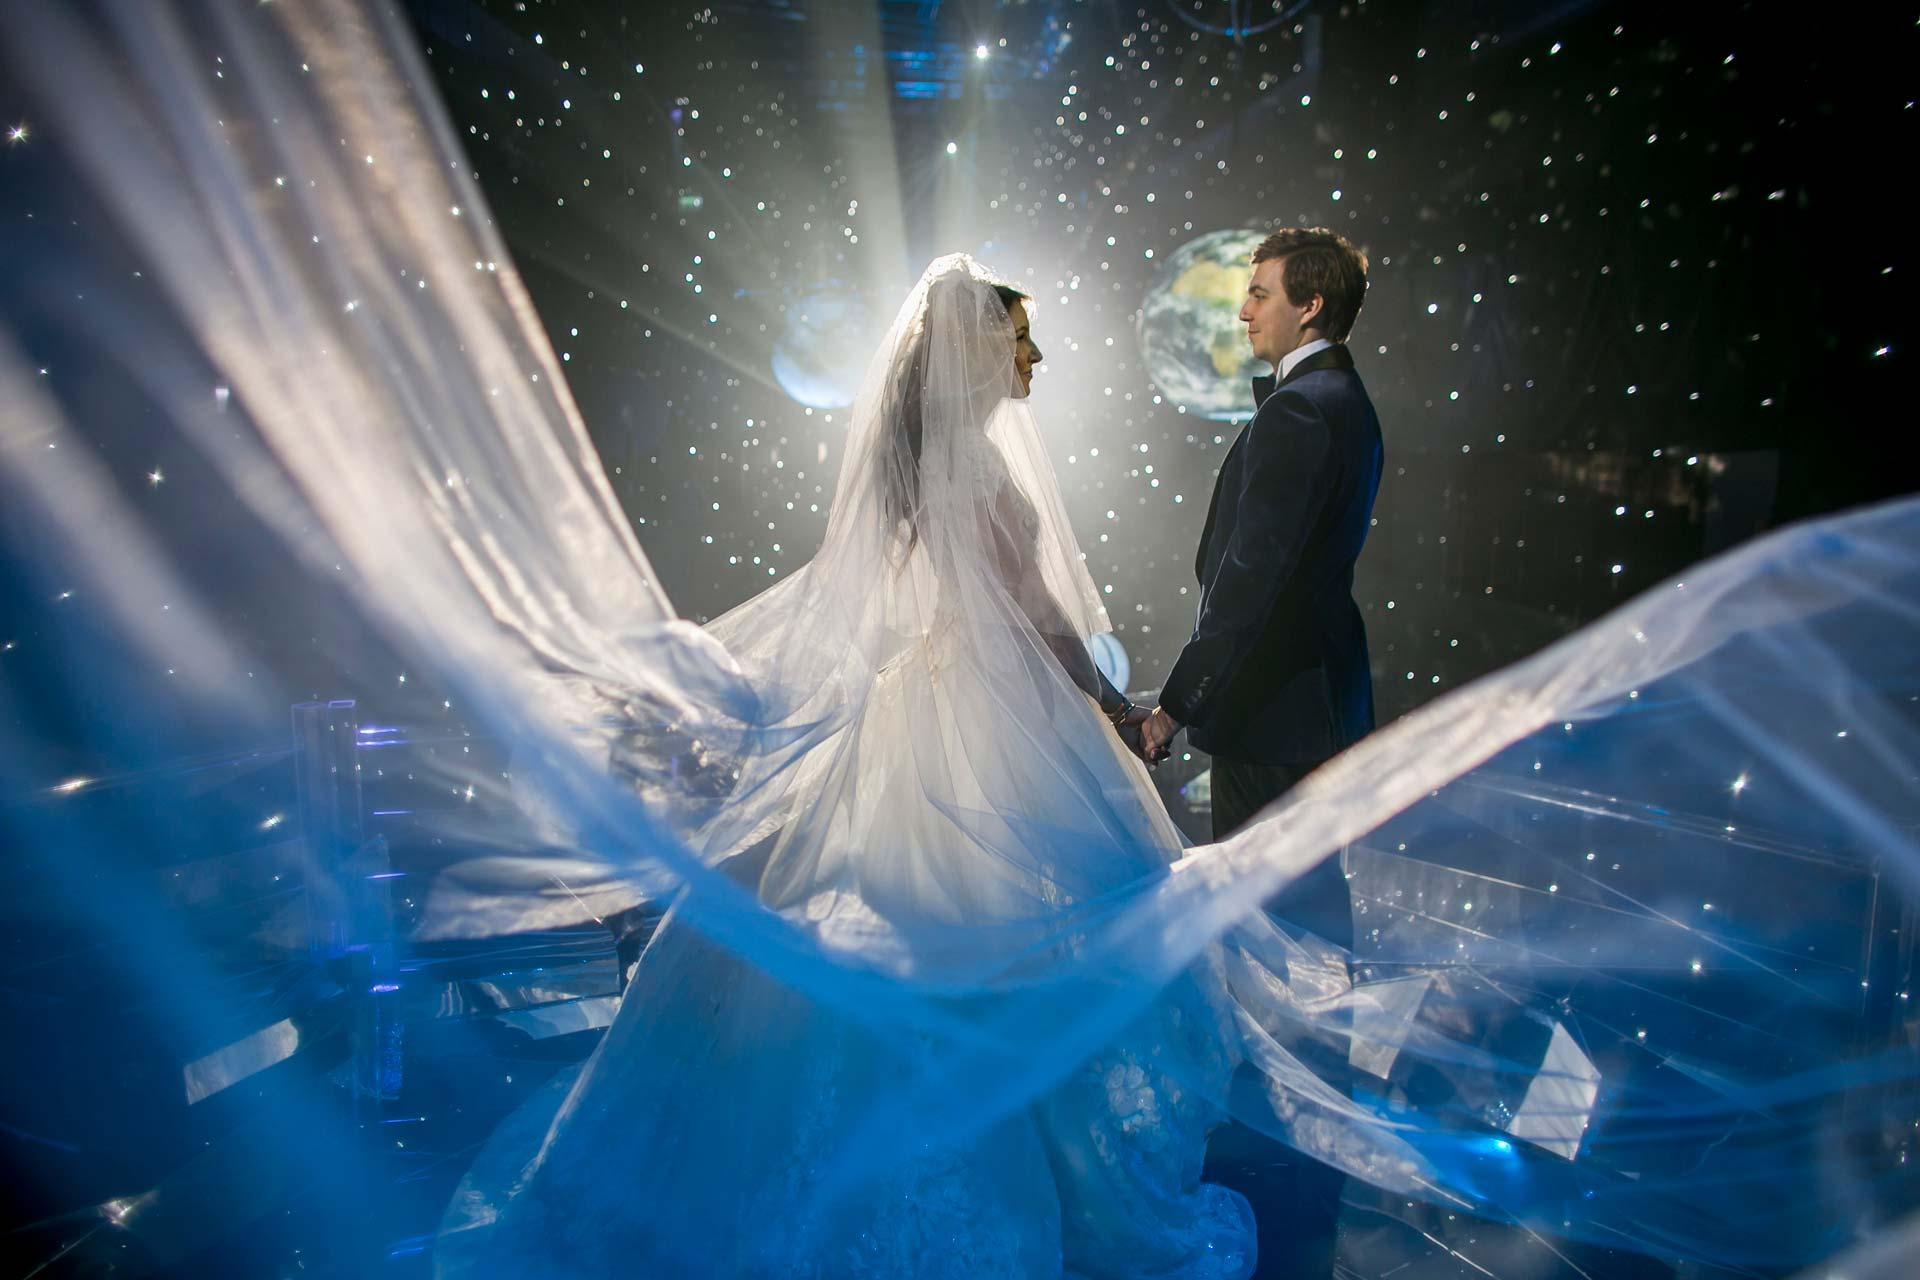 Рождение Вселенной. Свадьба Алины и Павла фото 17